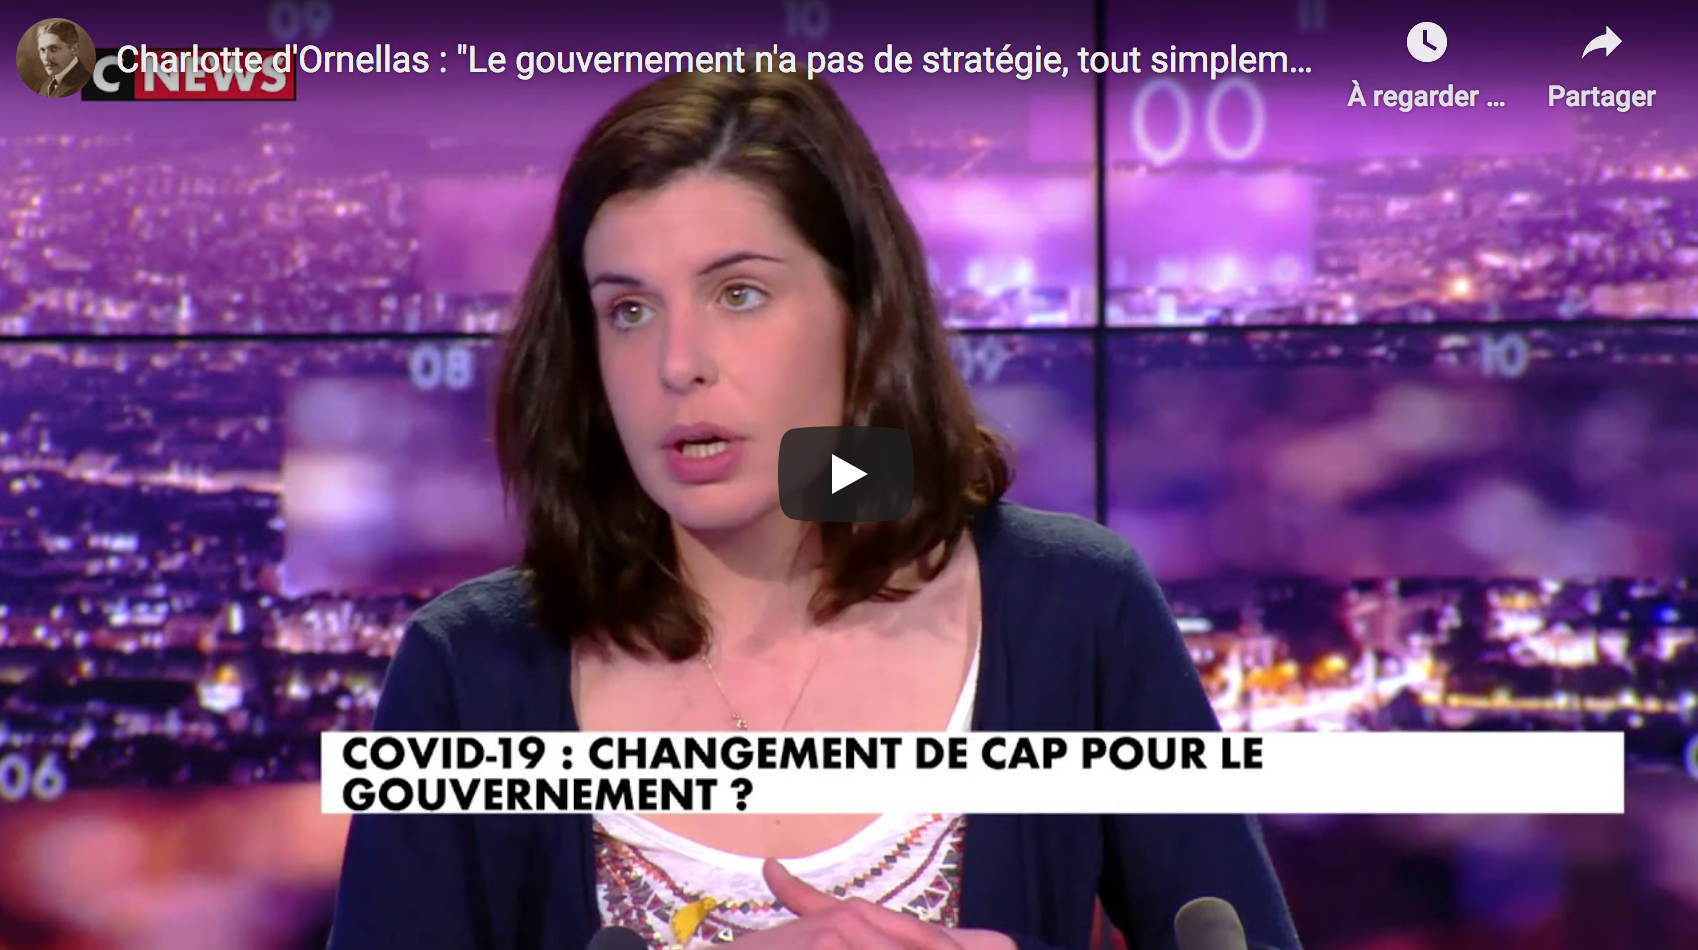 """Charlotte d'Ornellas : """"Le gouvernement n'a pas de stratégie, tout simplement"""" (VIDÉO)"""